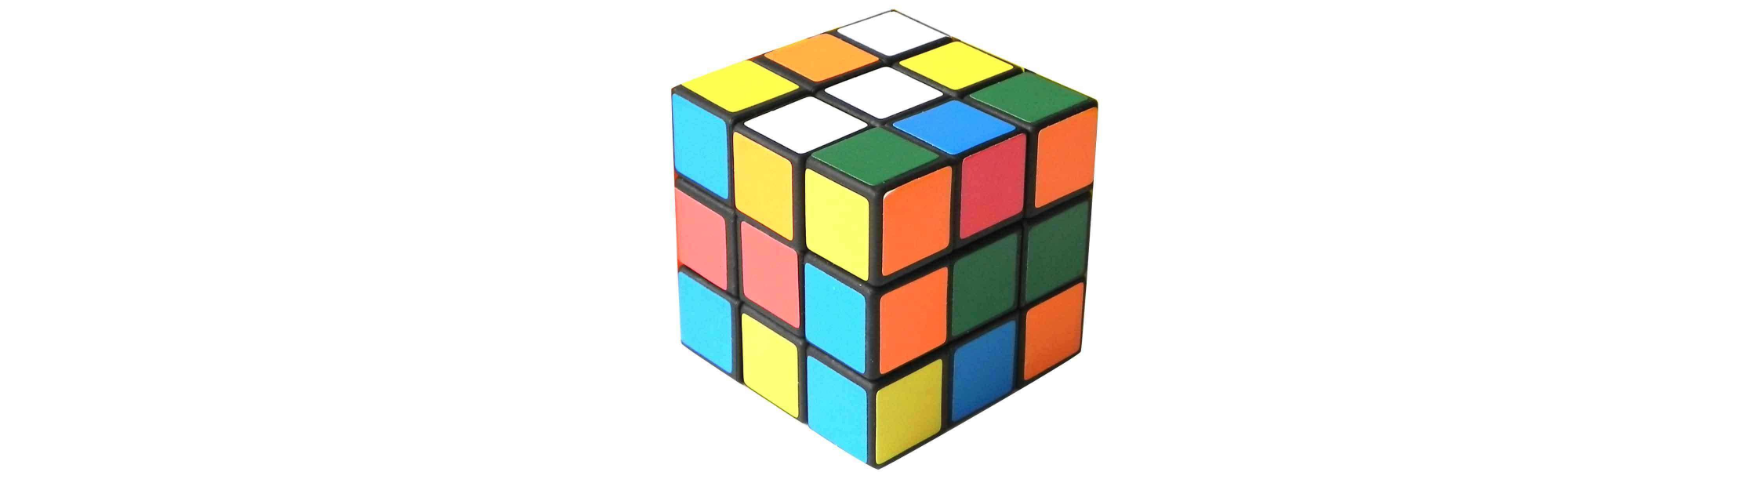 Rubik's Cube In 20''